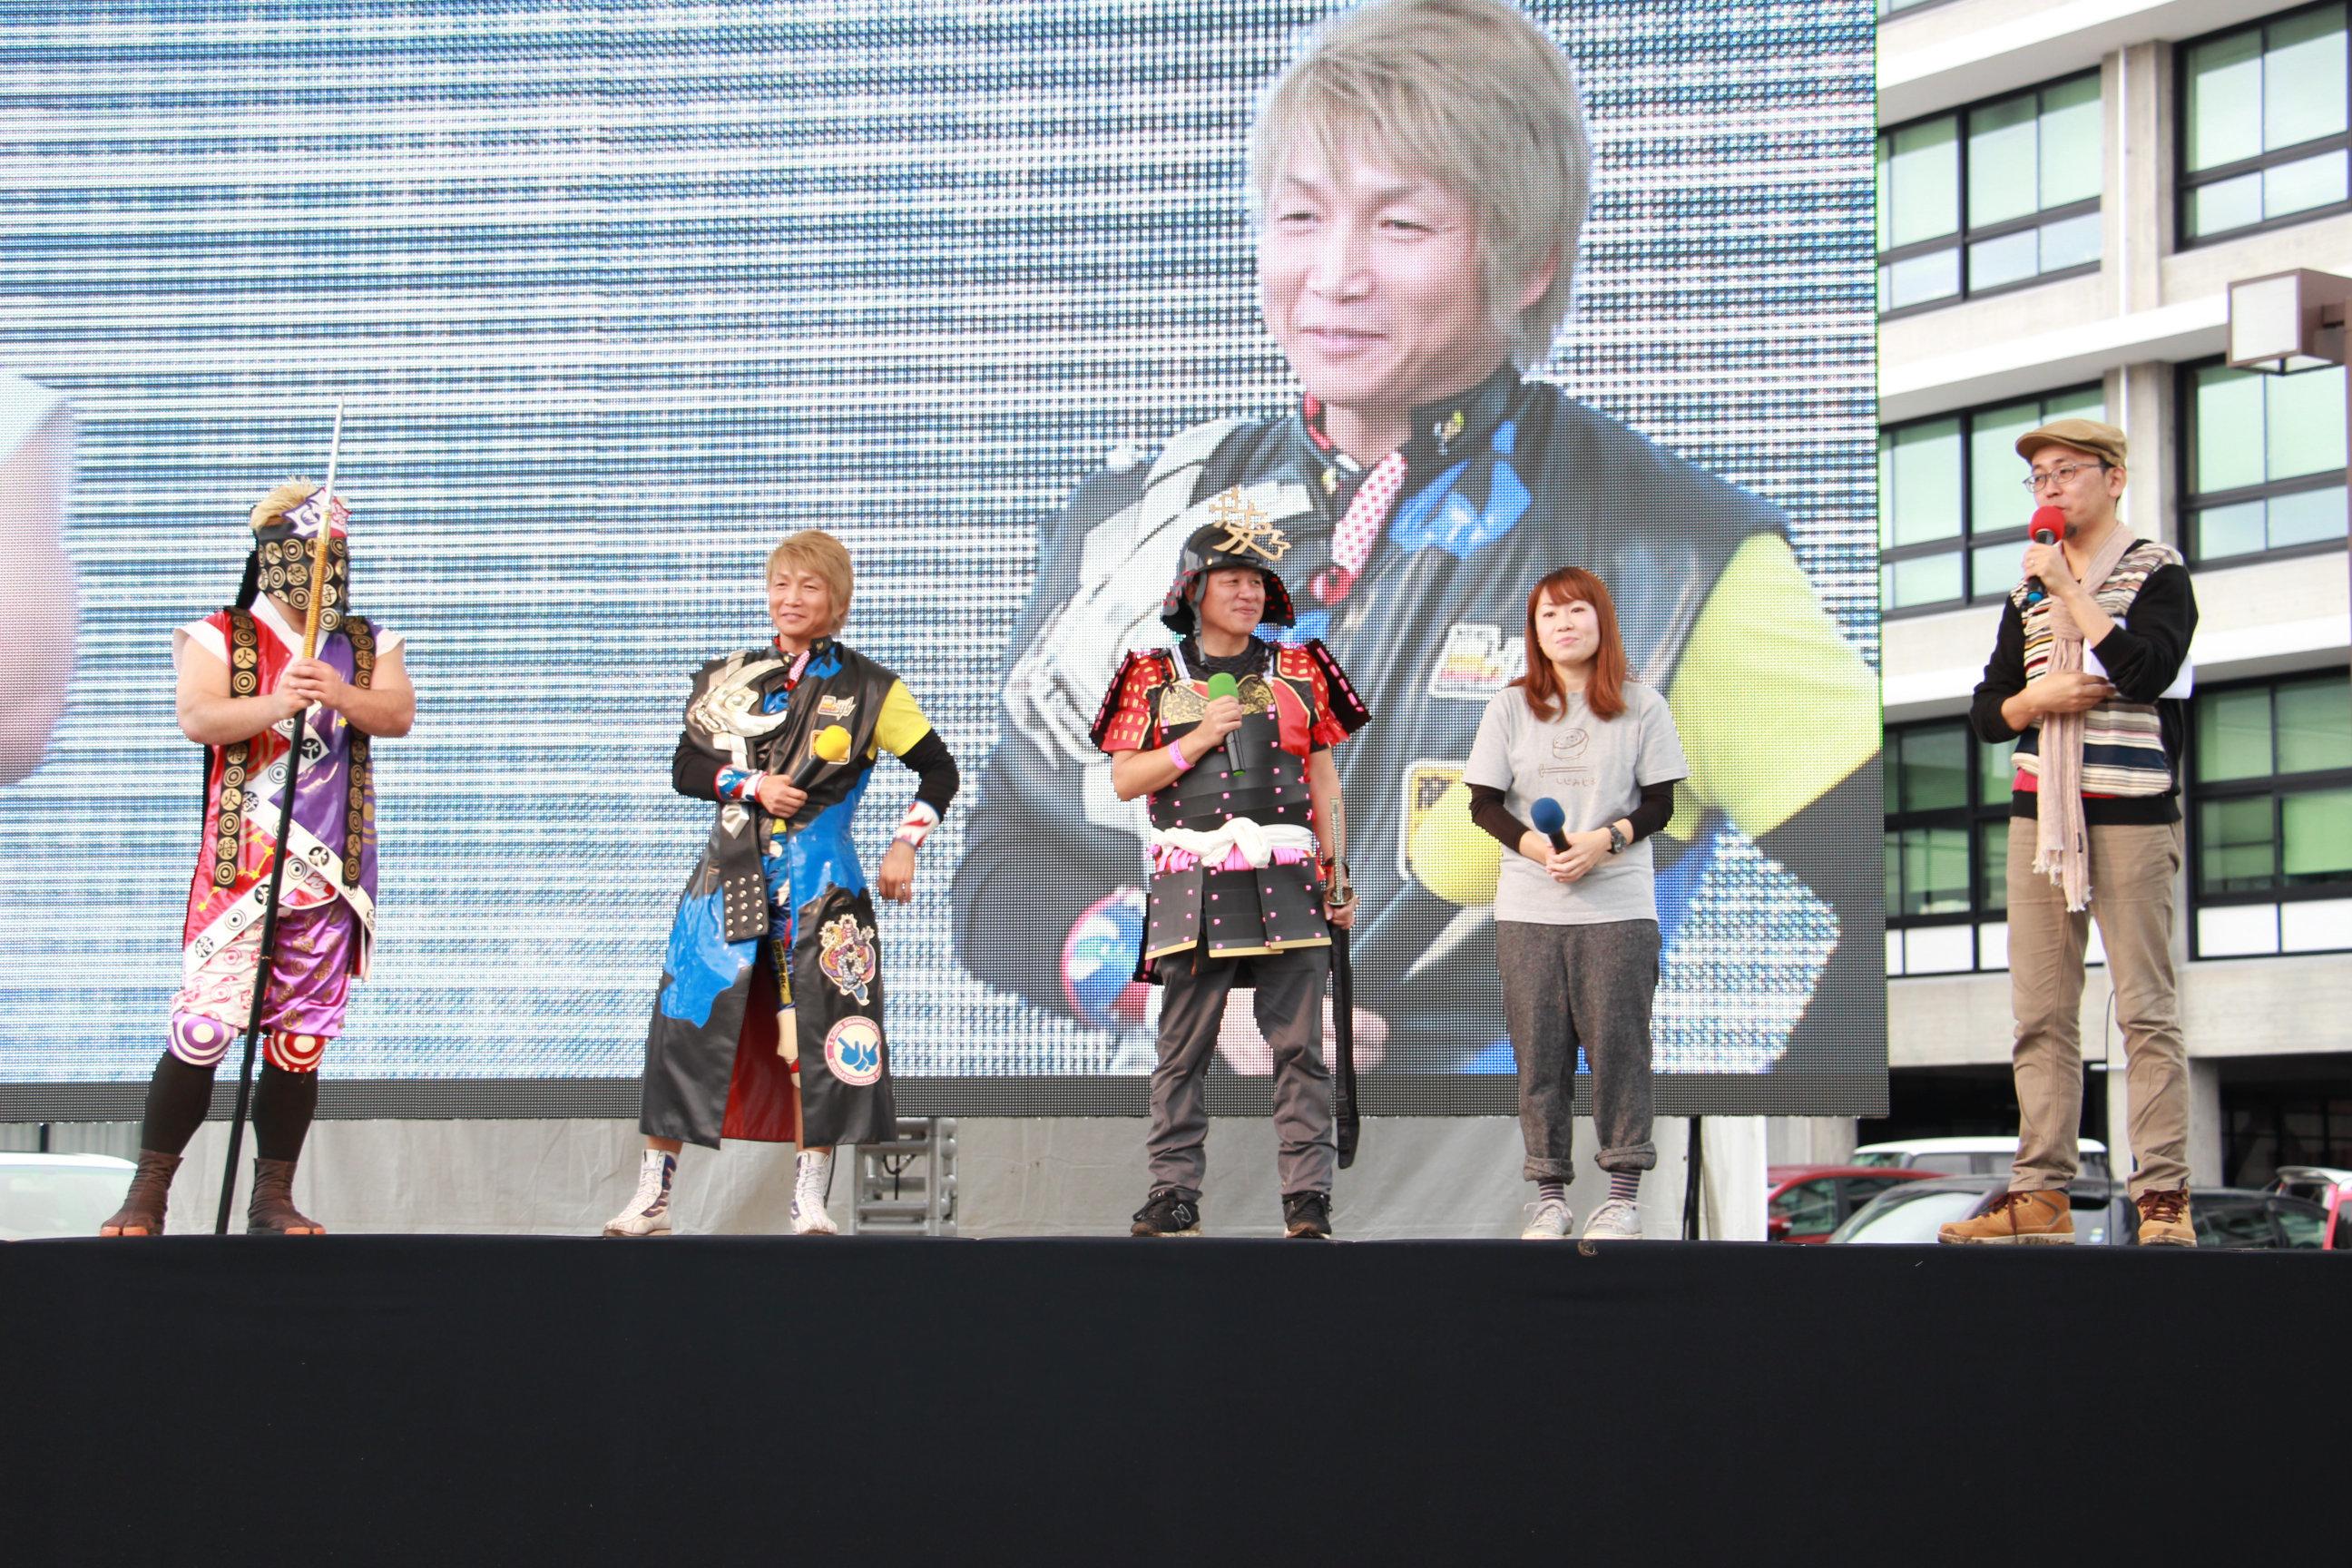 左から 将火怒選手、日高郁人選手、メガネスーパー星﨑社長、萩原さちこさん、FROGMAN